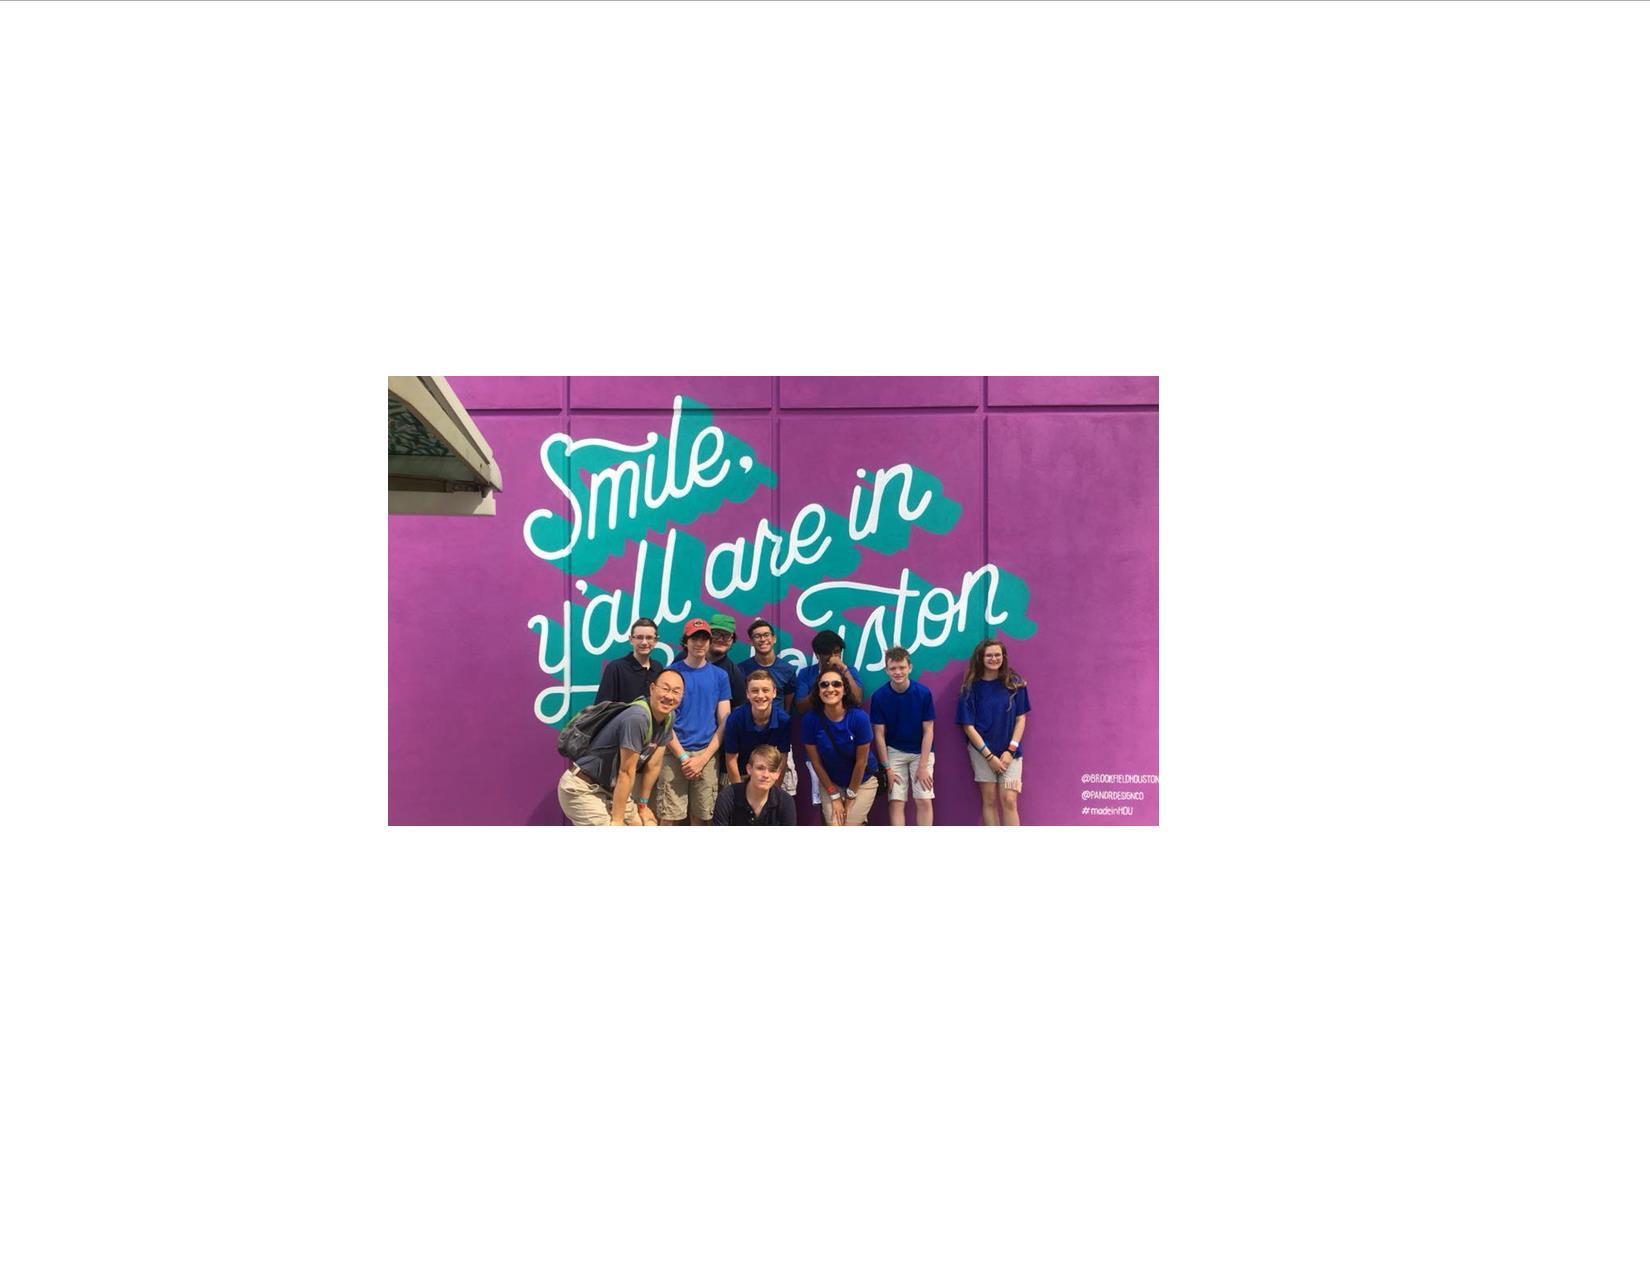 NYG group Smile